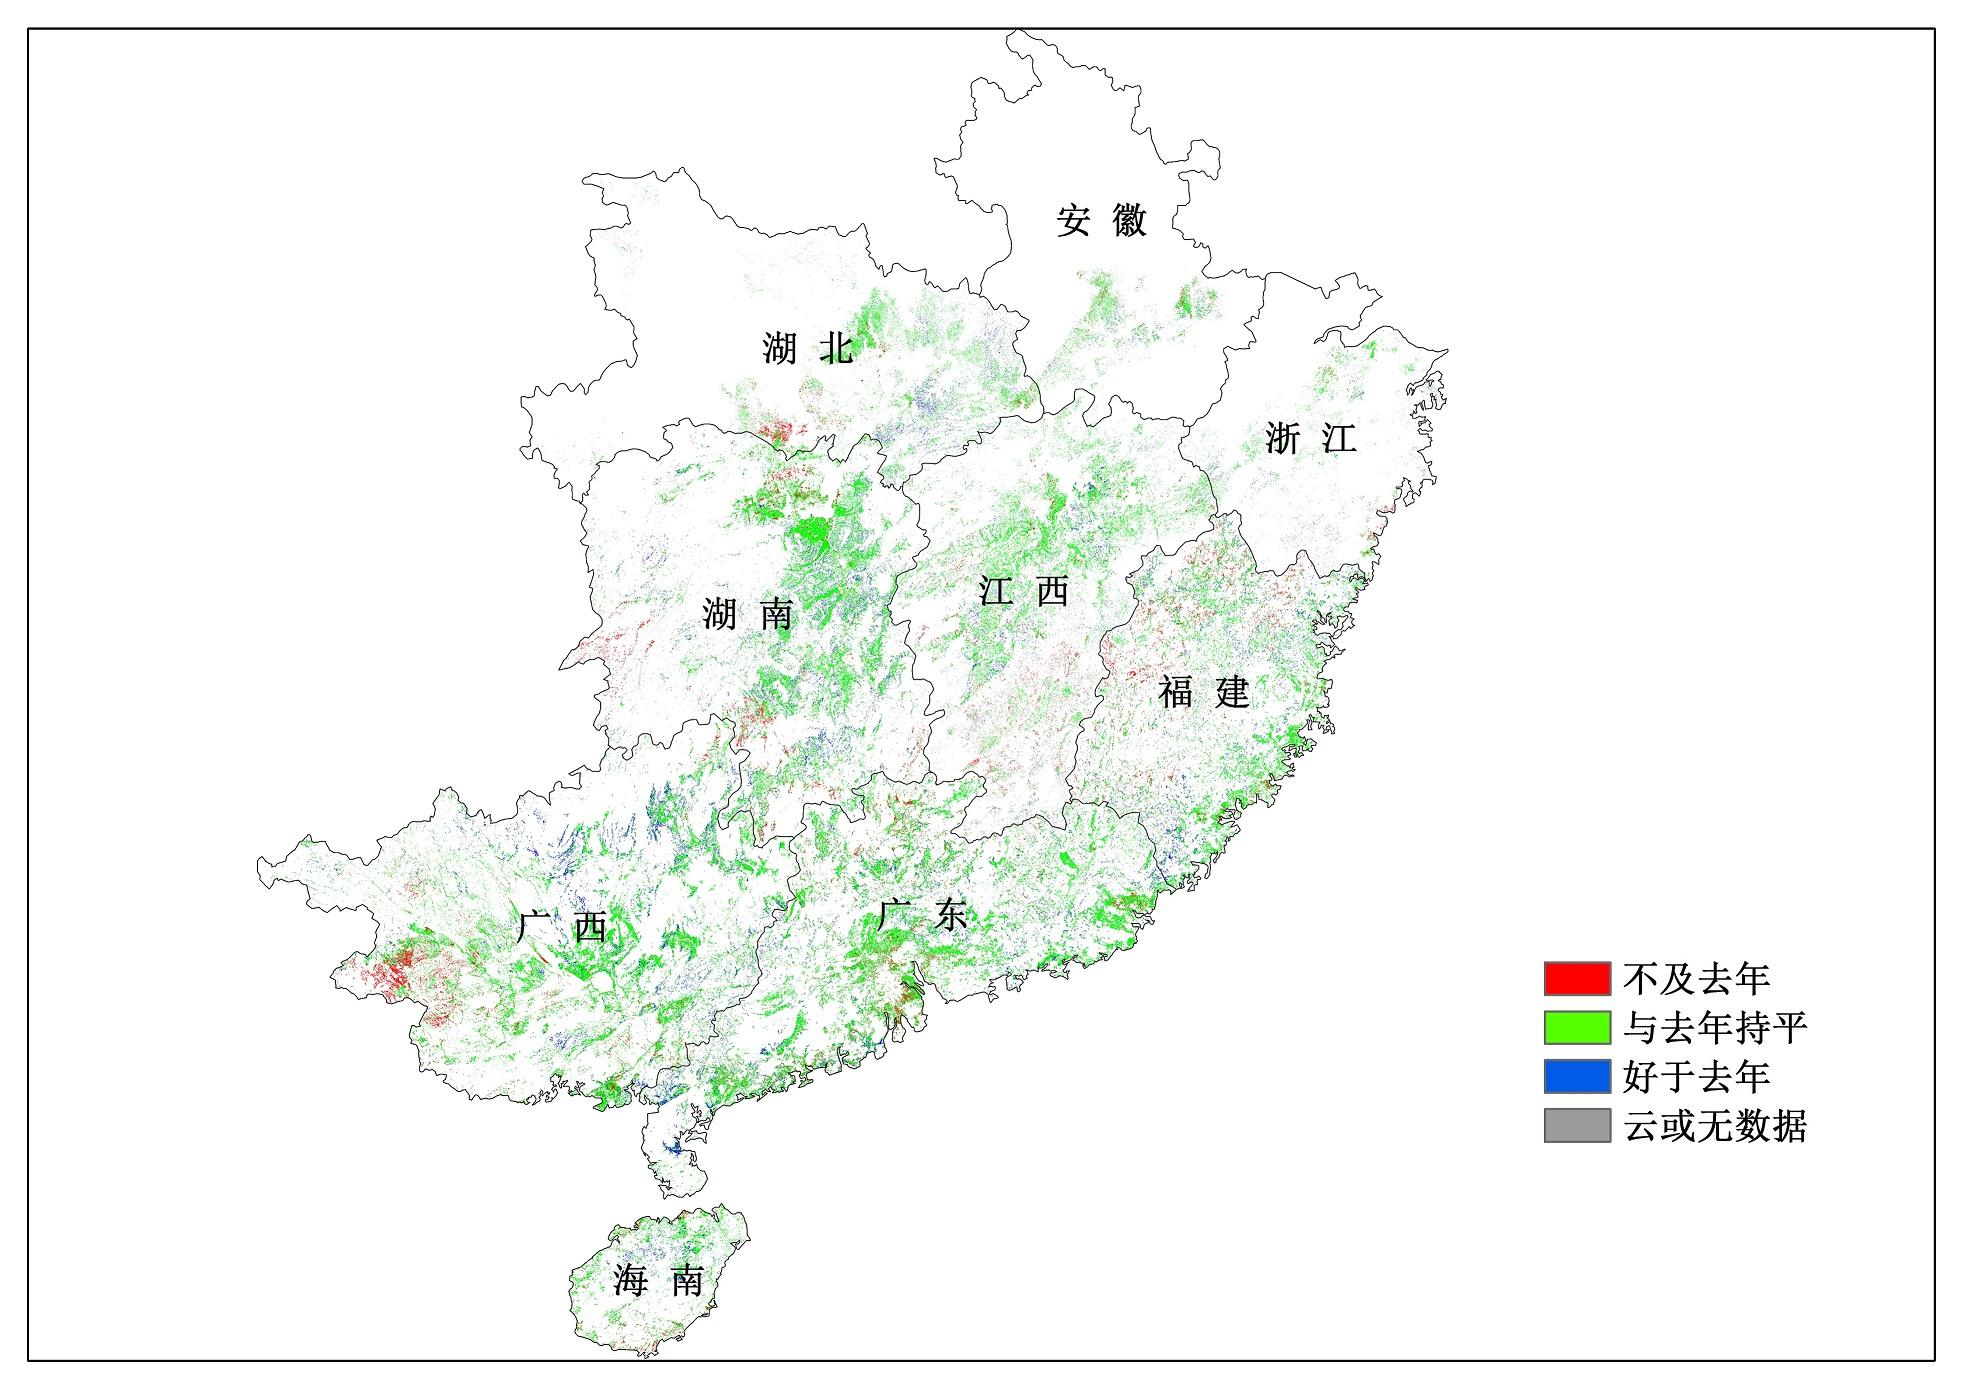 全国早稻、春小麦长势正常